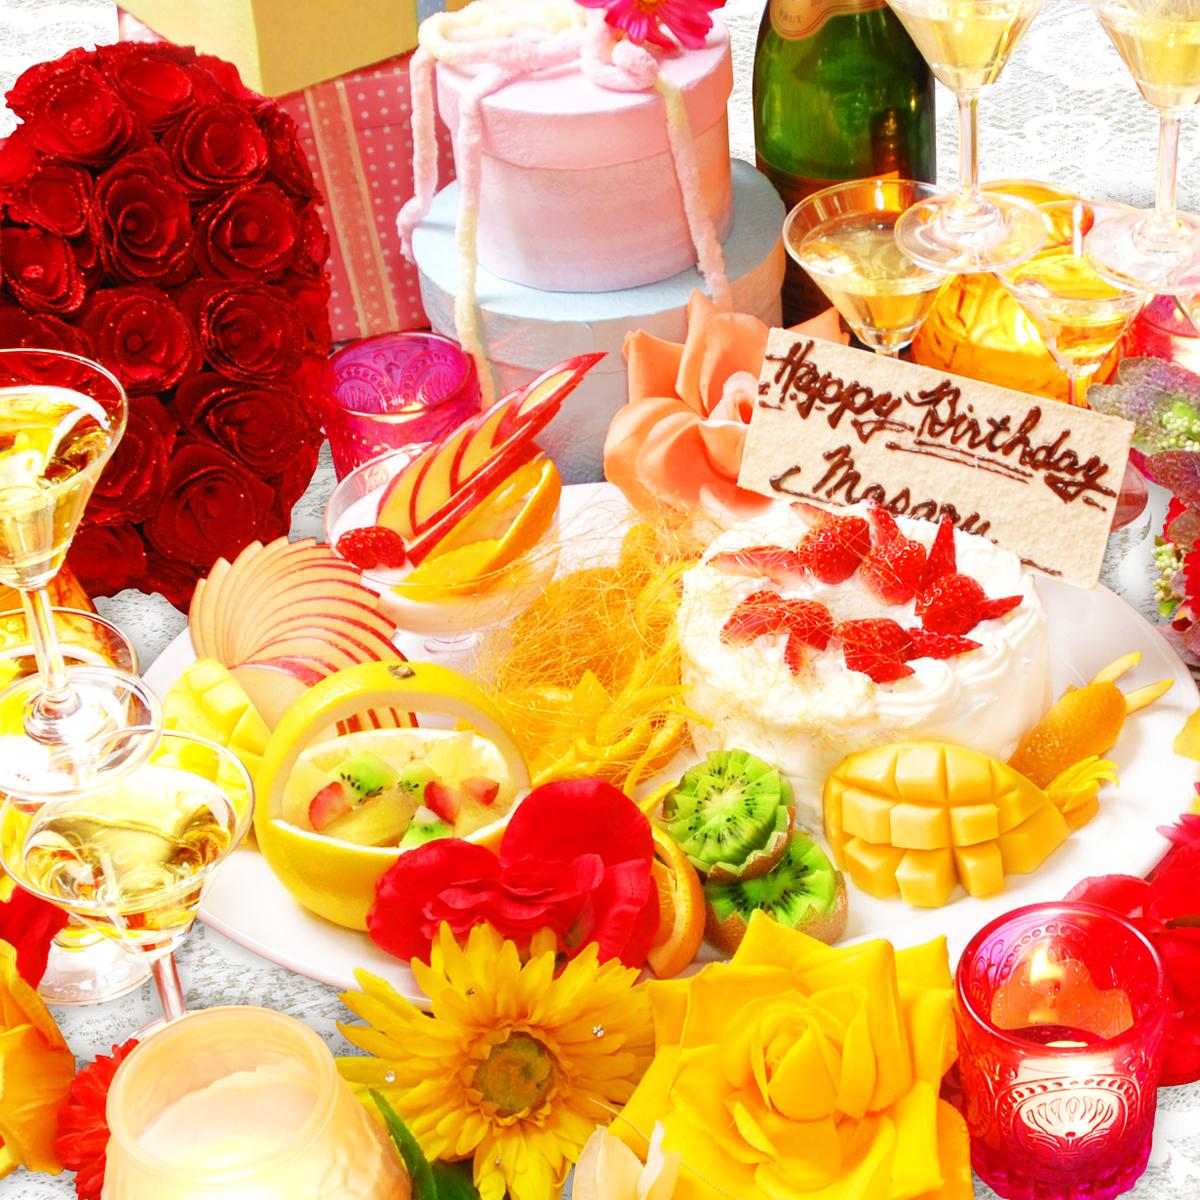 生日月亮大厅蛋糕介绍